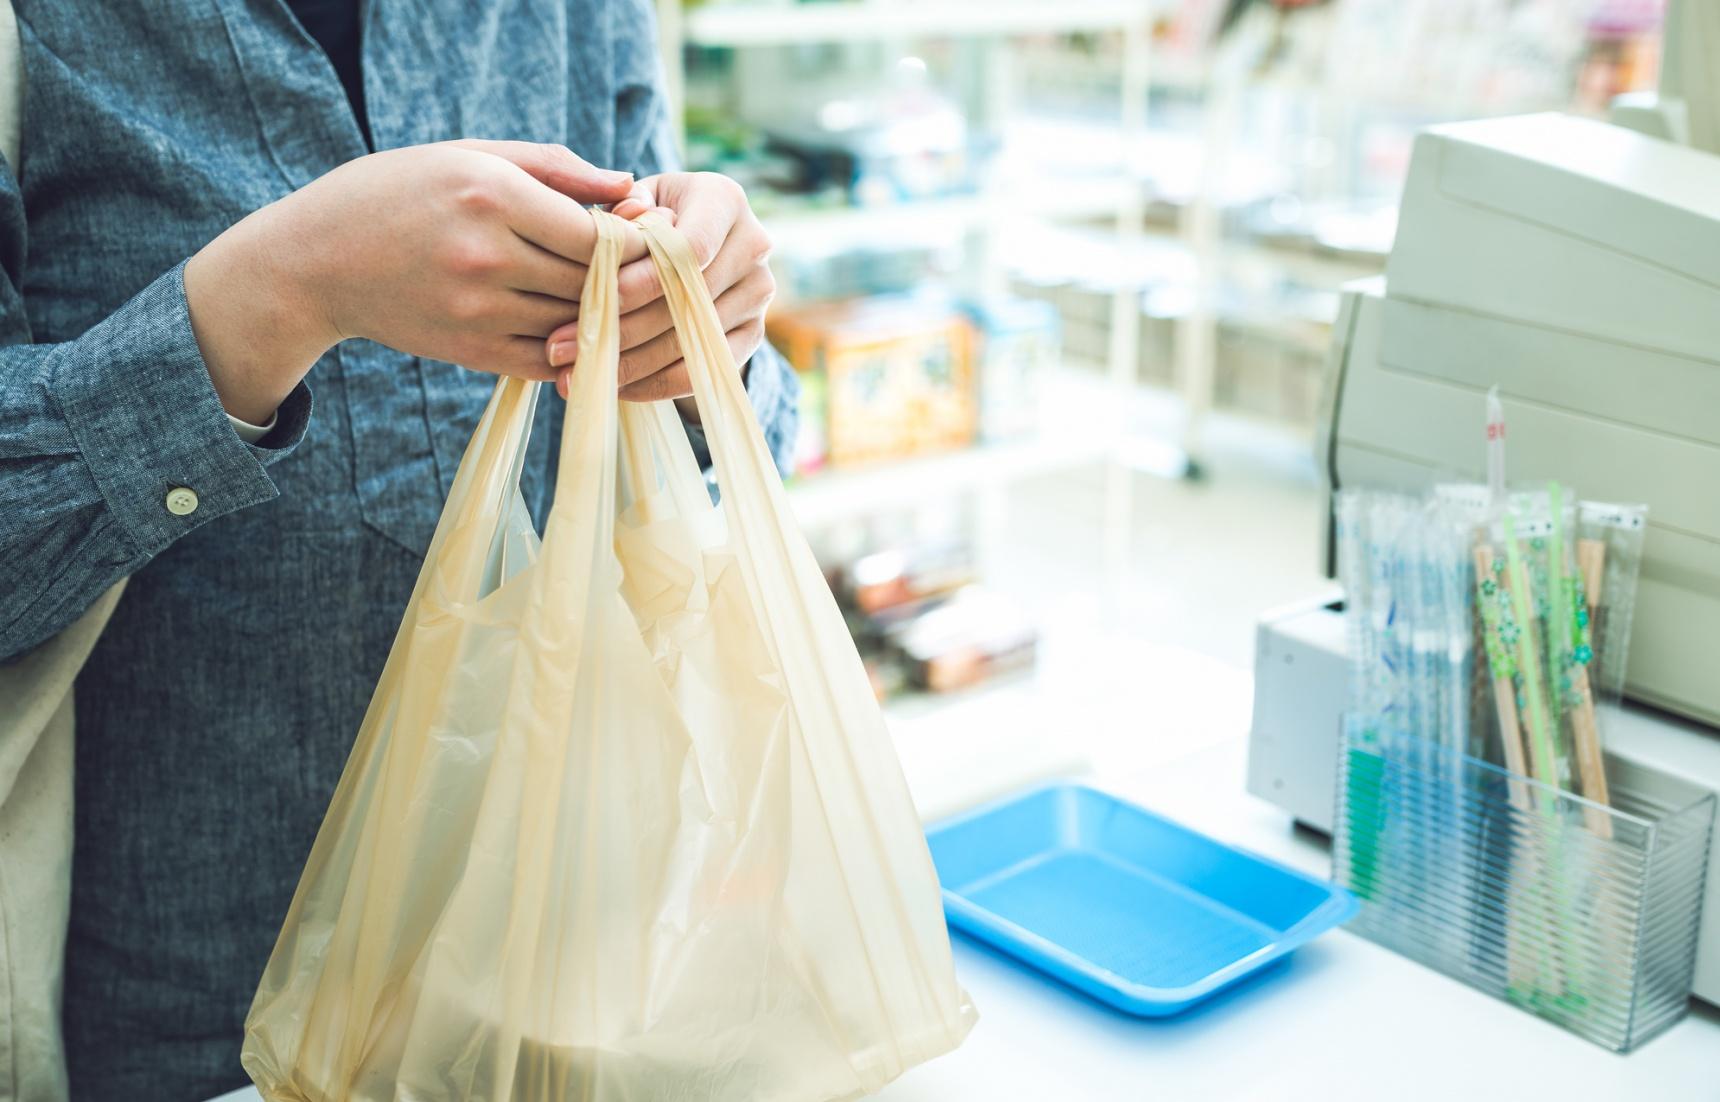 """日本""""限塑令""""来啦!2020年7月起,来日本旅游请多用环保袋吧!"""